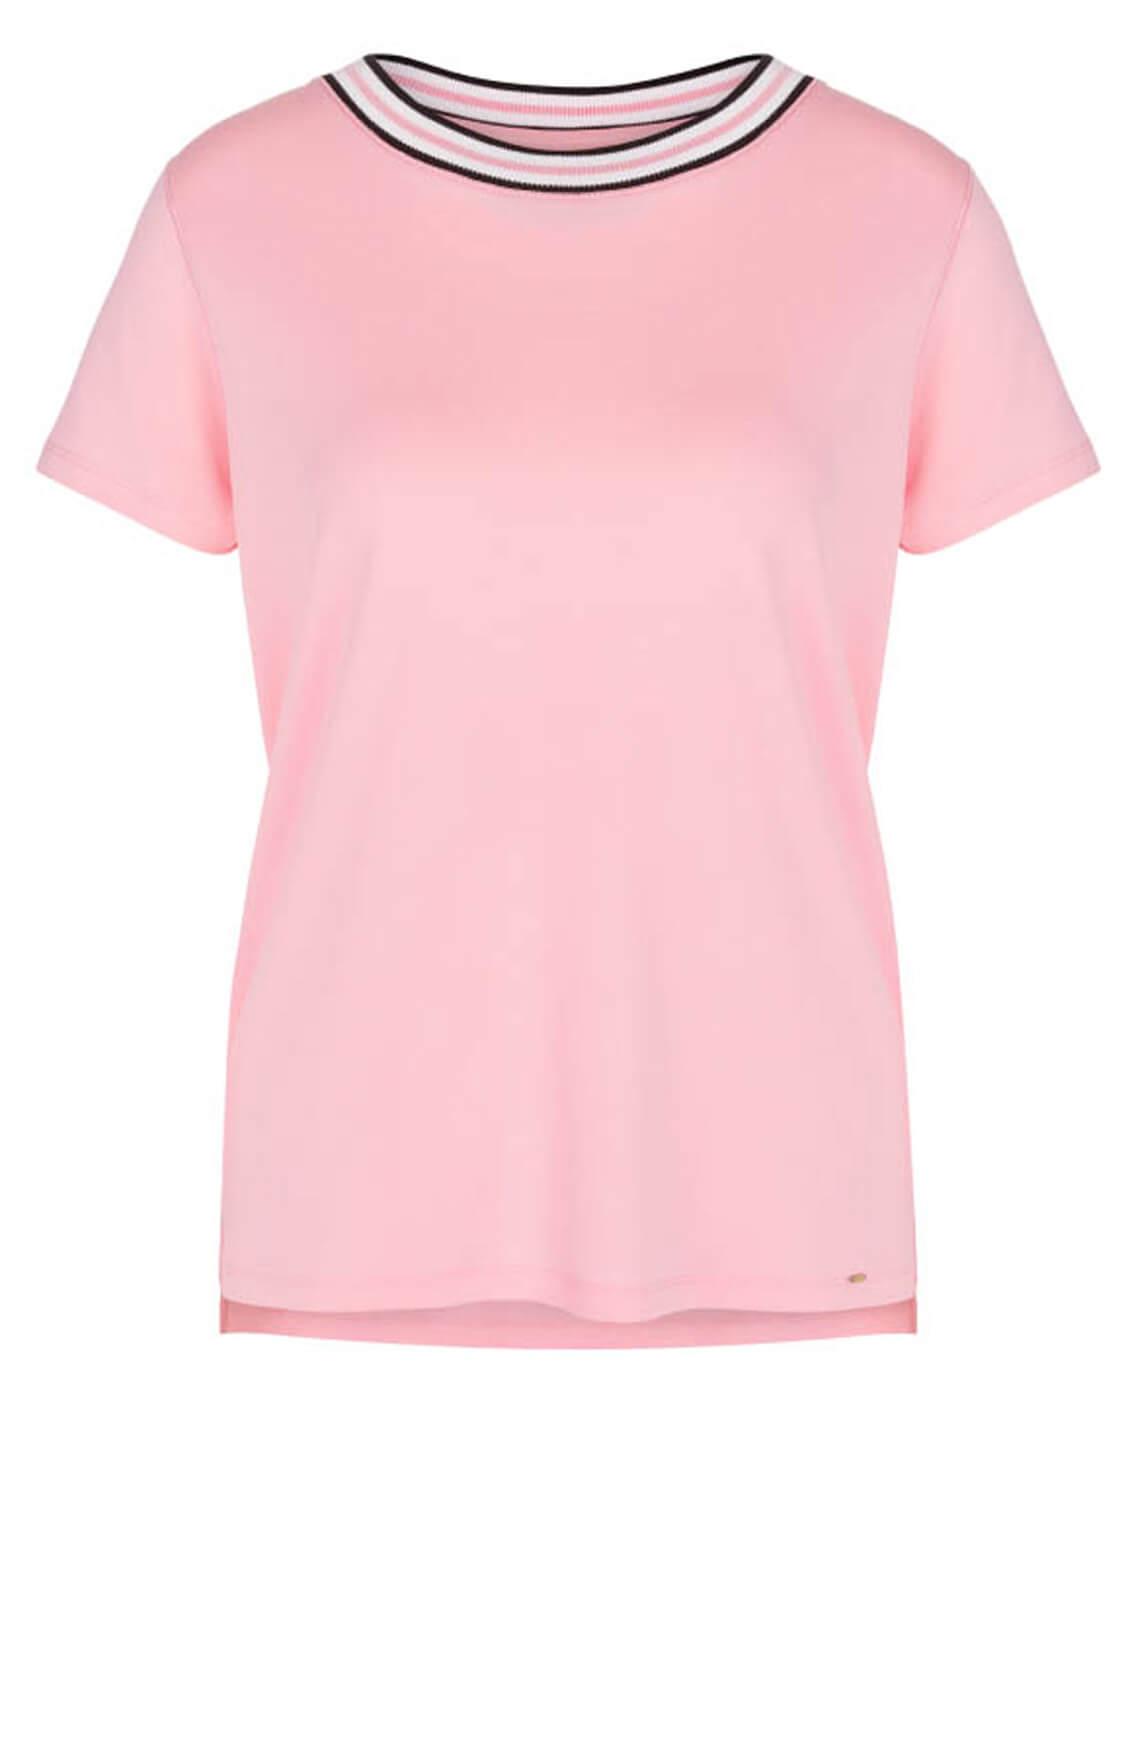 Marccain Dames Shirt met gestreepte hals roze